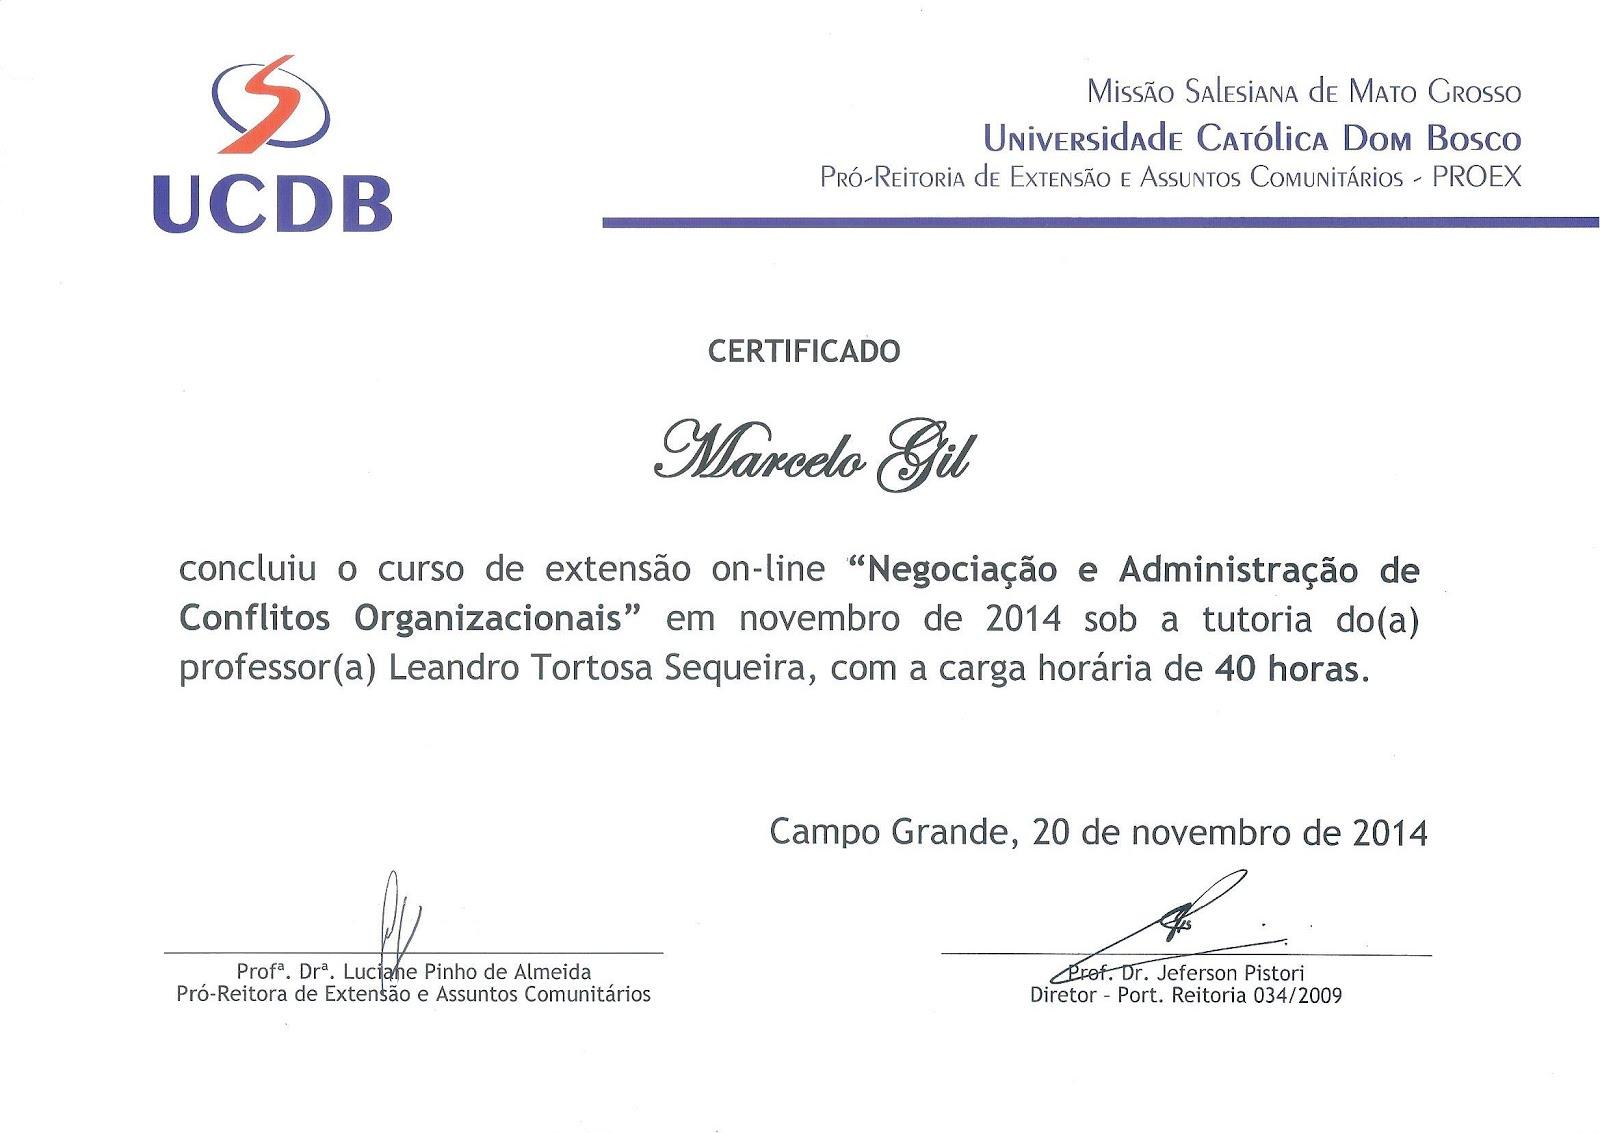 CERTIFICADO CONCEDIDO À MARCELO GIL PELA UNIVERSIDADE CATÓLICA DOM BOSCO / 2014